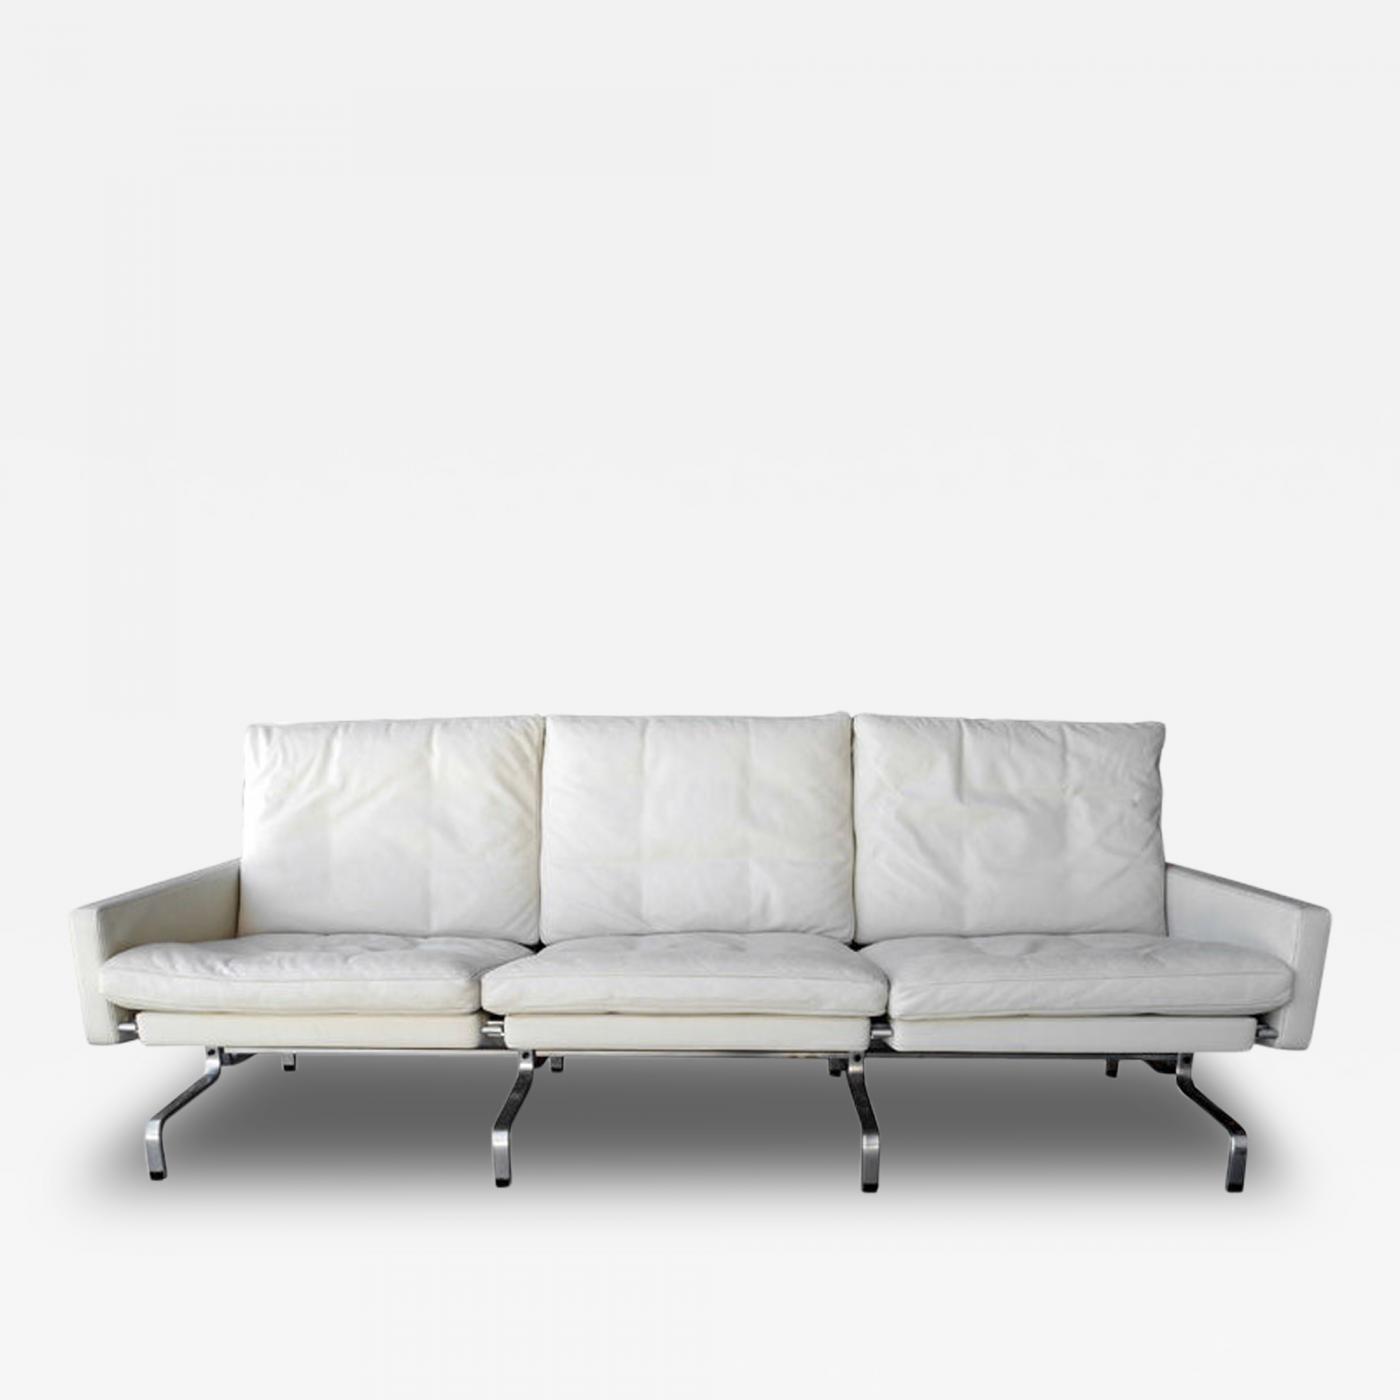 Poul Kj¦rholm PK31 White Leather Sofa by Poul Kjaerholm for